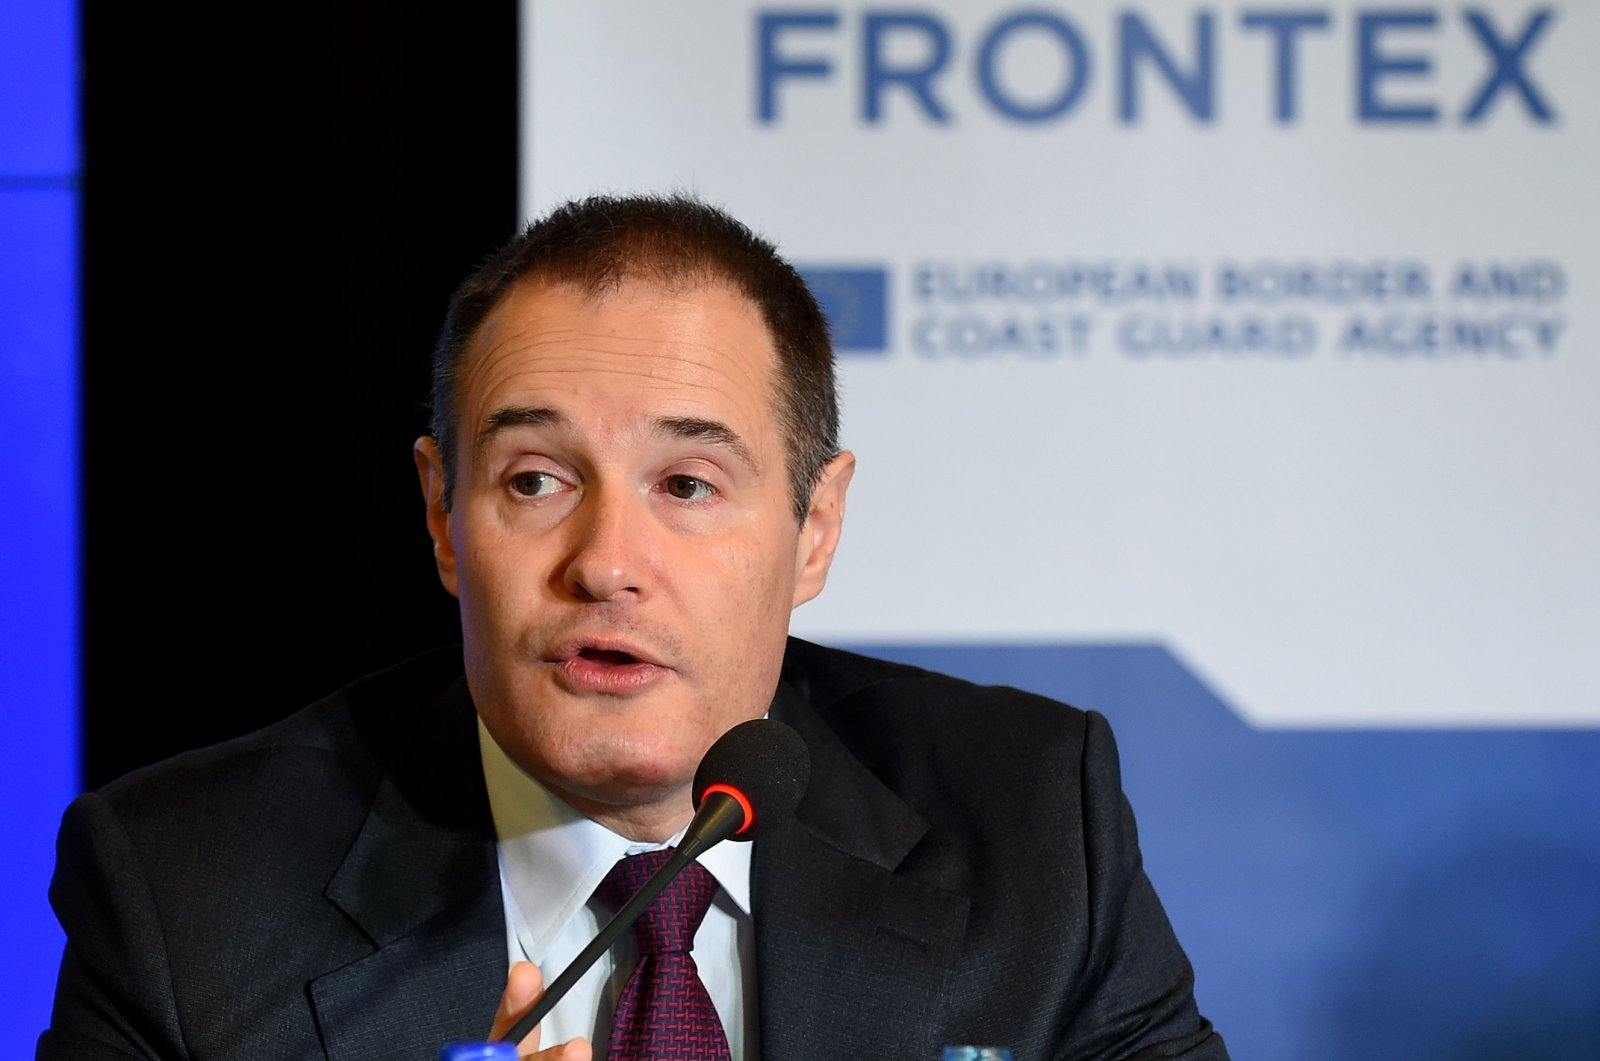 Giám đốc điều hành Cơ quan bảo vệ biên giới Liên minh châu Âu (Frontex), ông Fabrice Leggeri. Ảnh: AFP